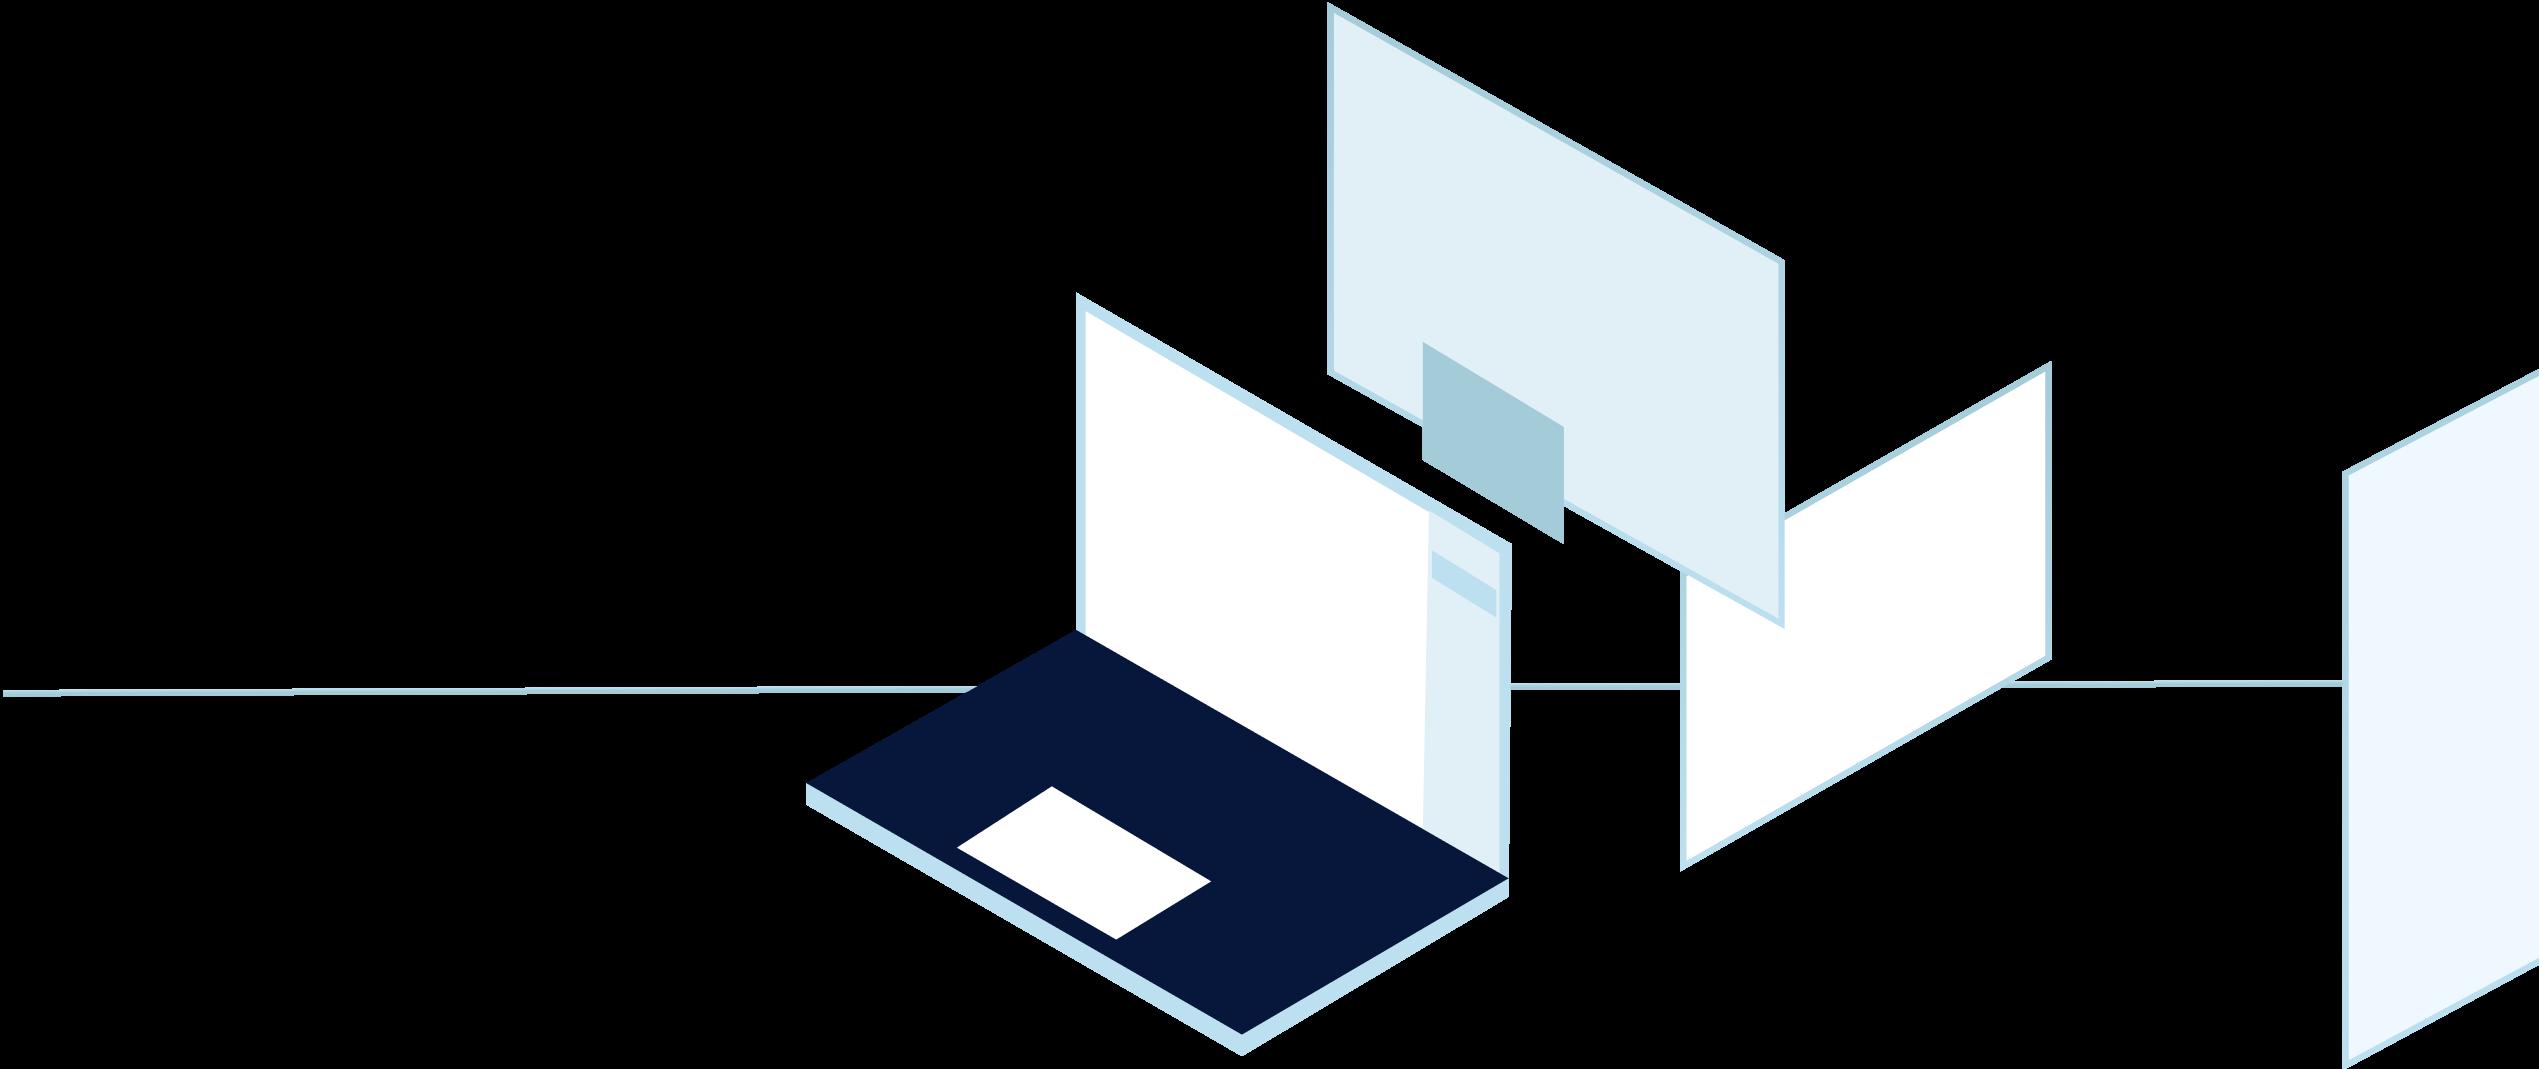 webapp developer logo